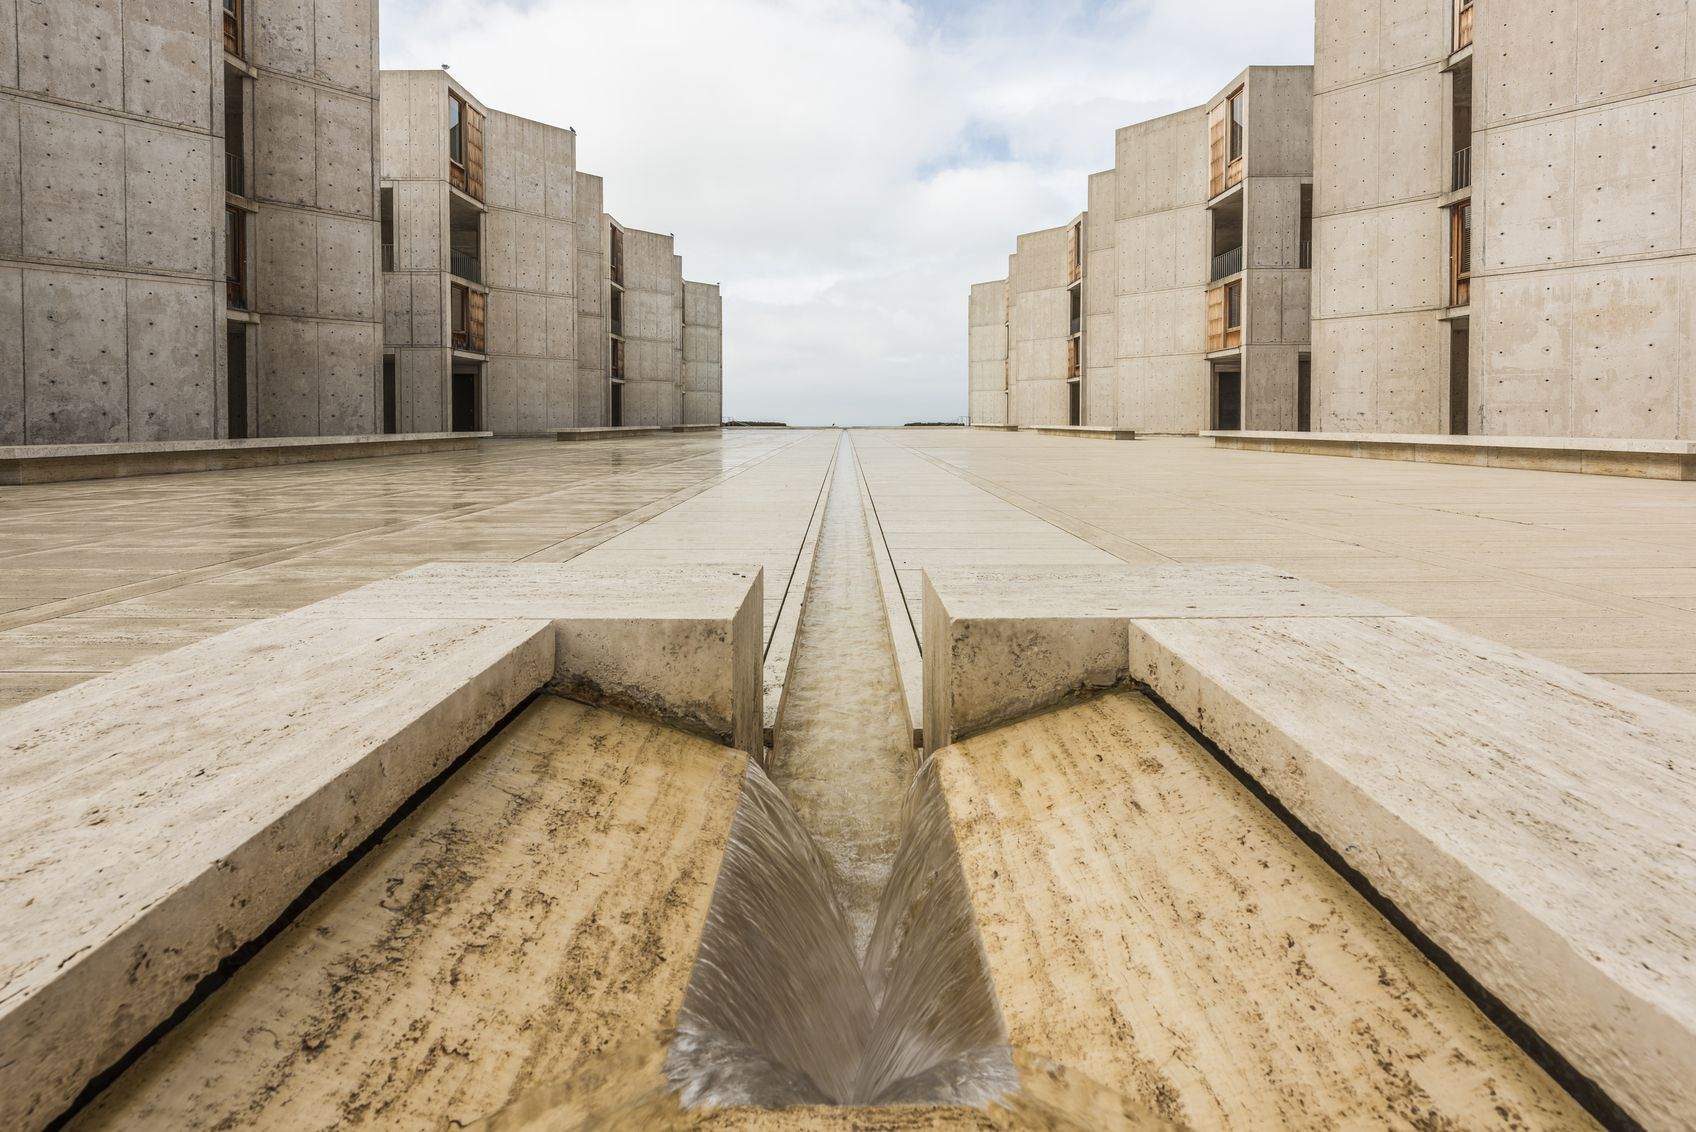 Architetti Famosi Antichi i 19 edifici più belli del mondo secondo gli architetti